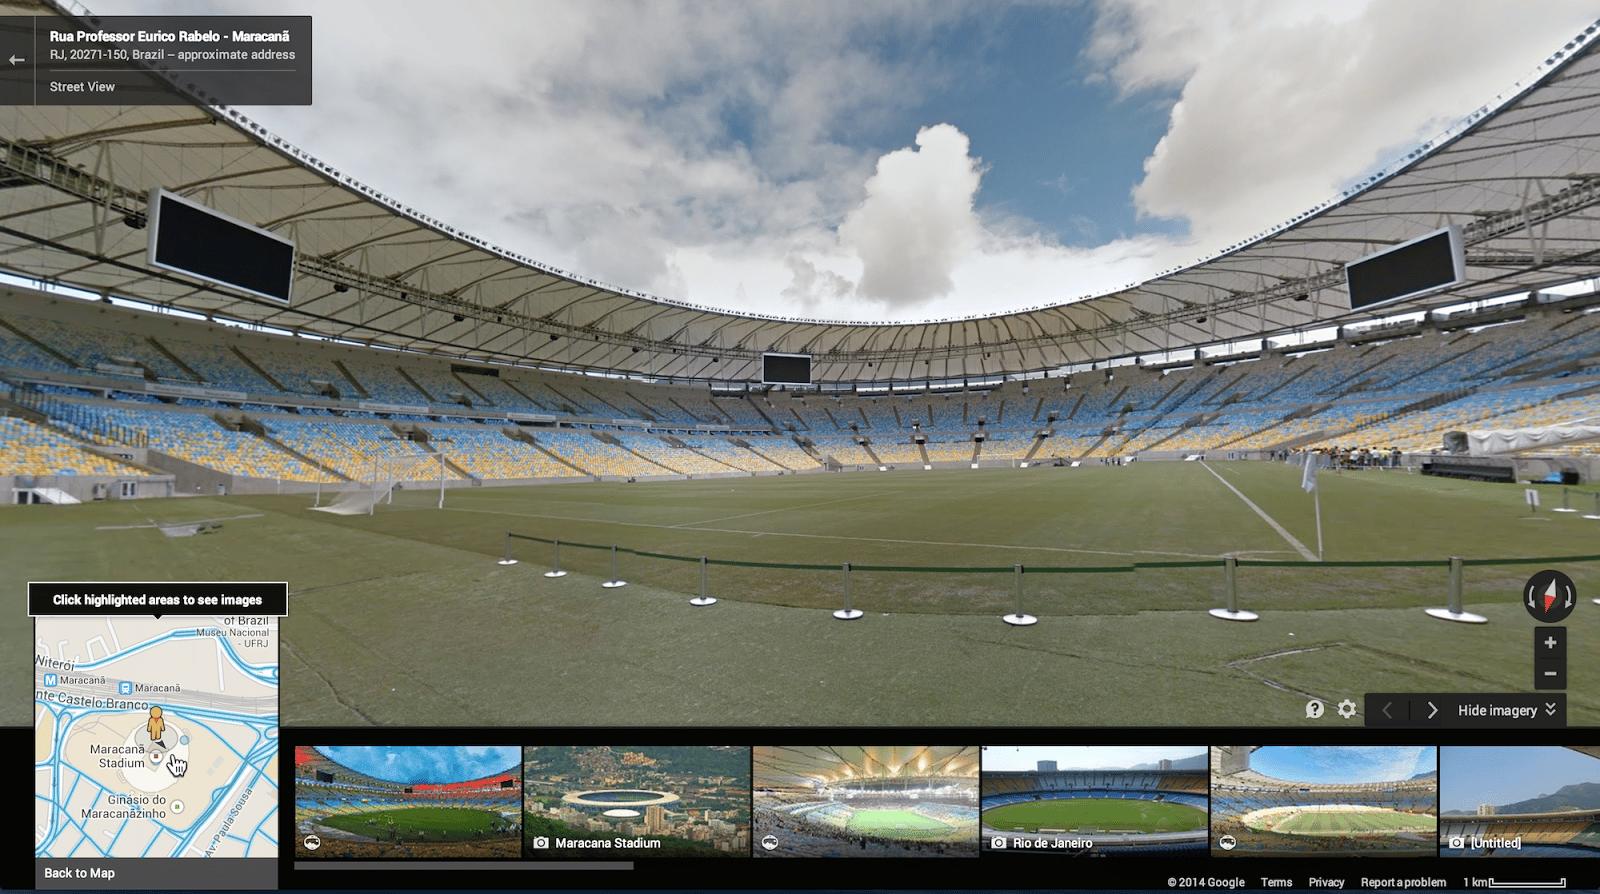 Google Maps incorporó a Street View los 12 estadios que serán sede del Mundial, entre esos el mítico Maracaná.